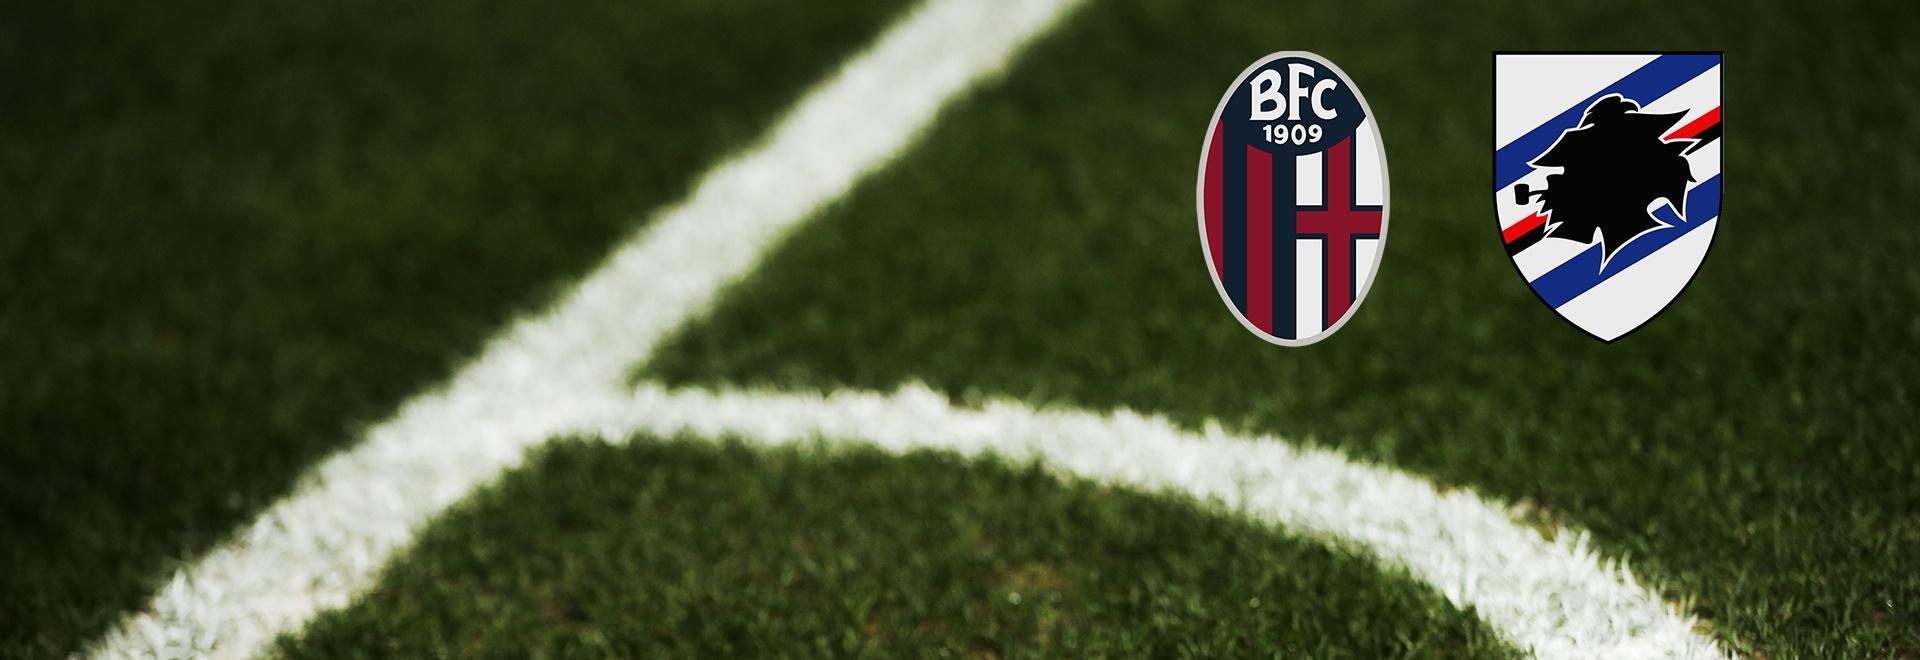 Bologna - Sampdoria. 9a g.